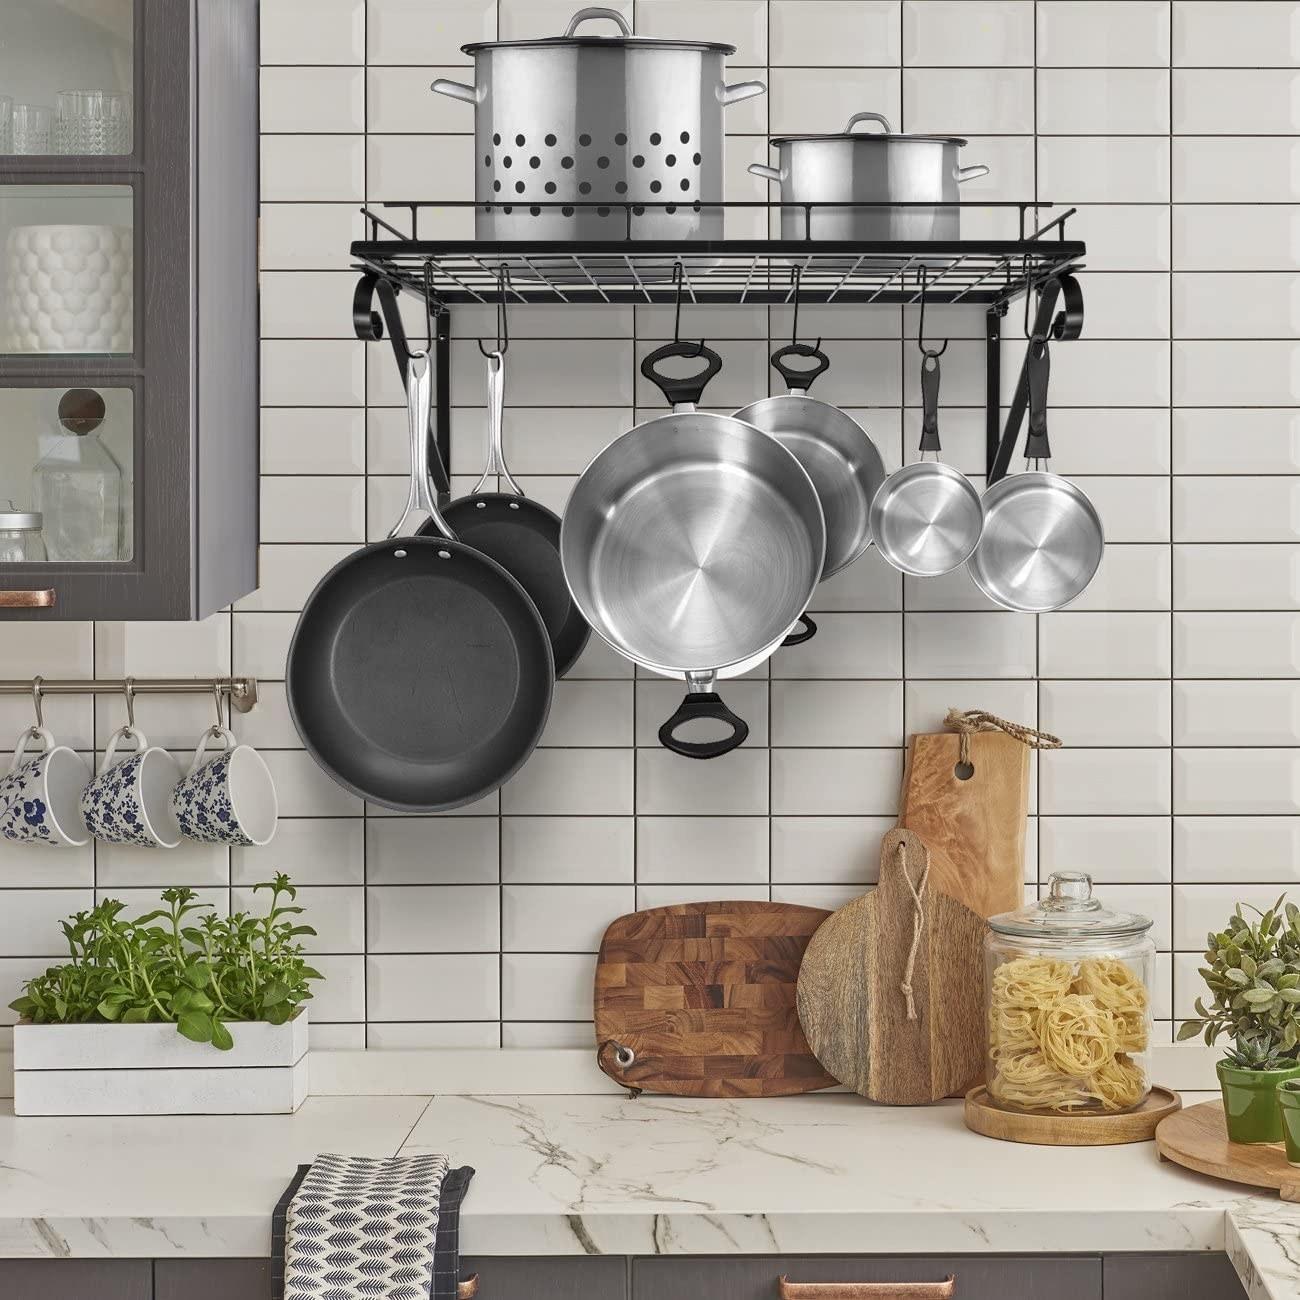 Estante industrial para colgar cosas en la cocina